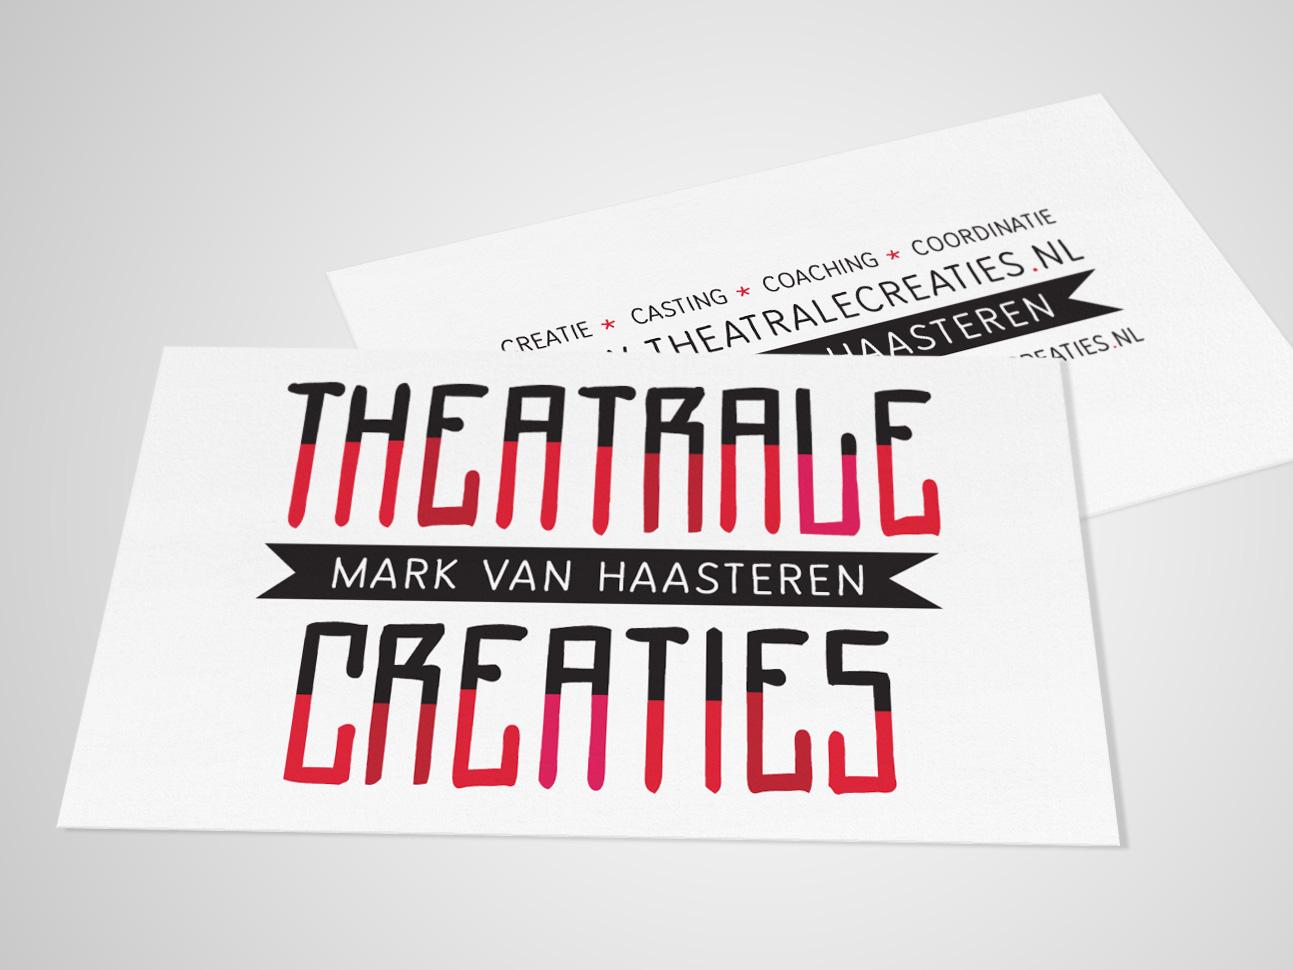 Theatrale Creaties_visitekaart_Zeebonk